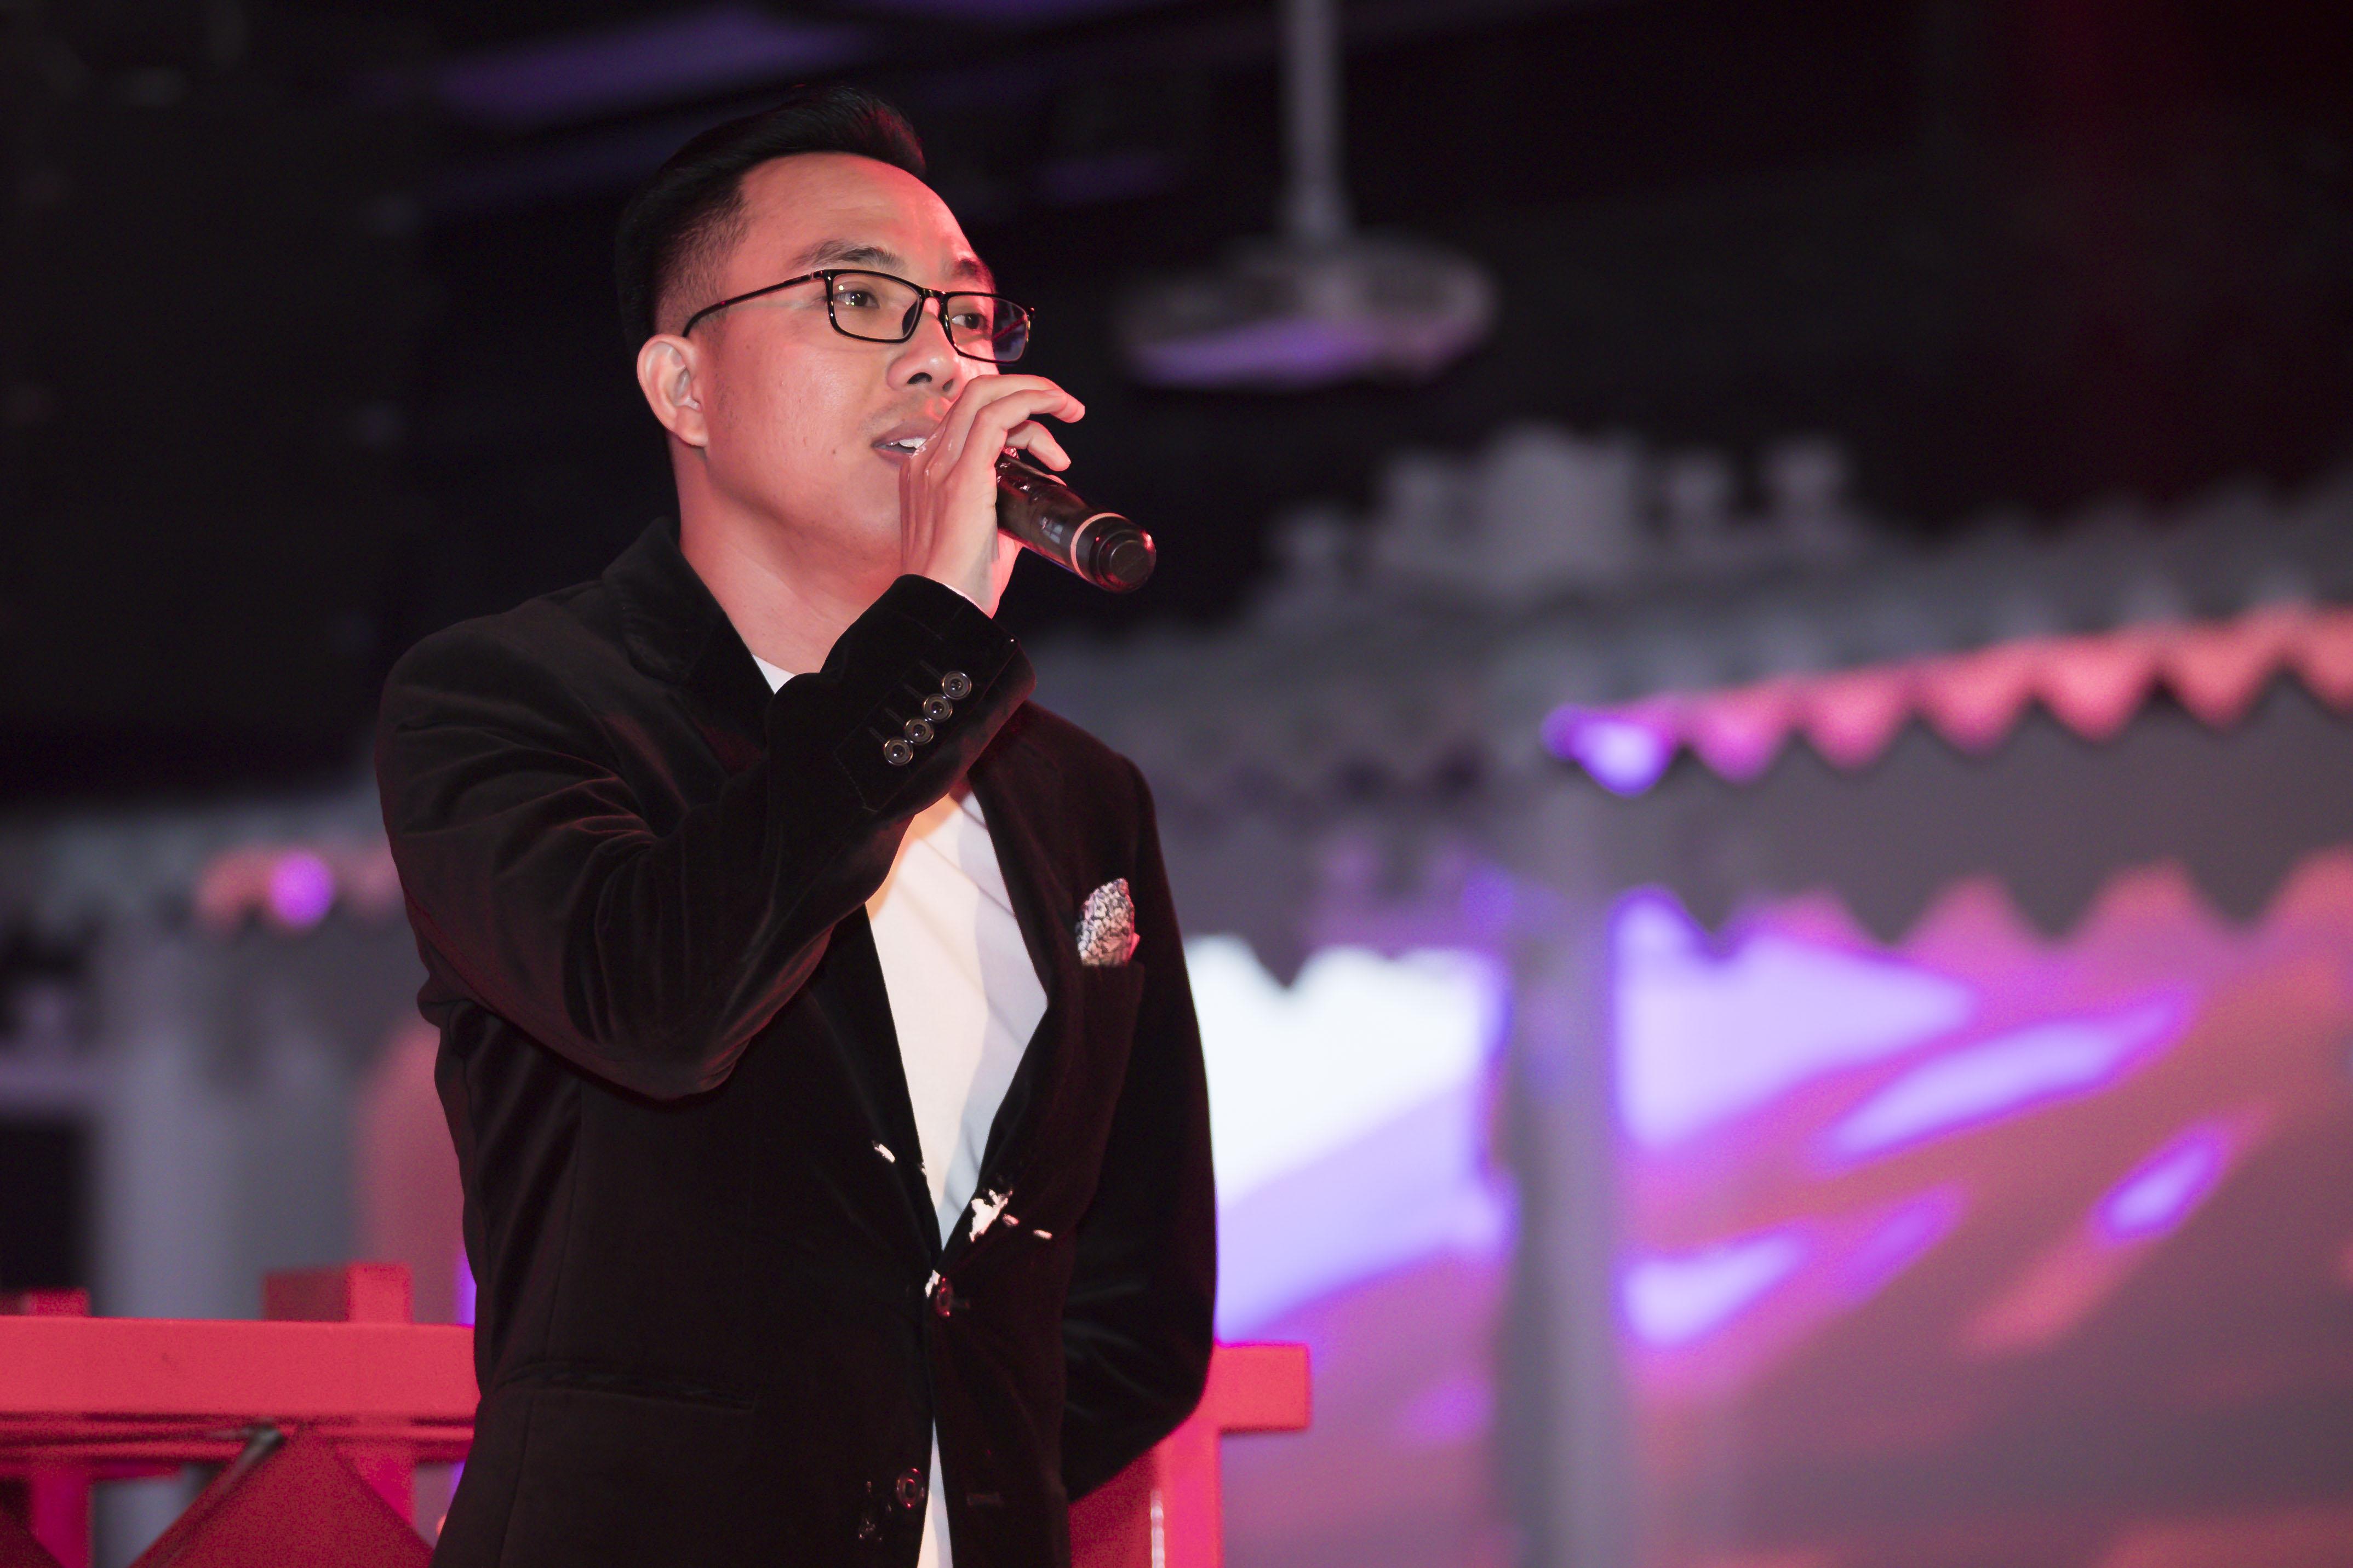 Tiệc sinh nhật có Hà Hồ, Mr. Đàm đến dự gây sốc với hóa đơn 1,3 tỷ - 6